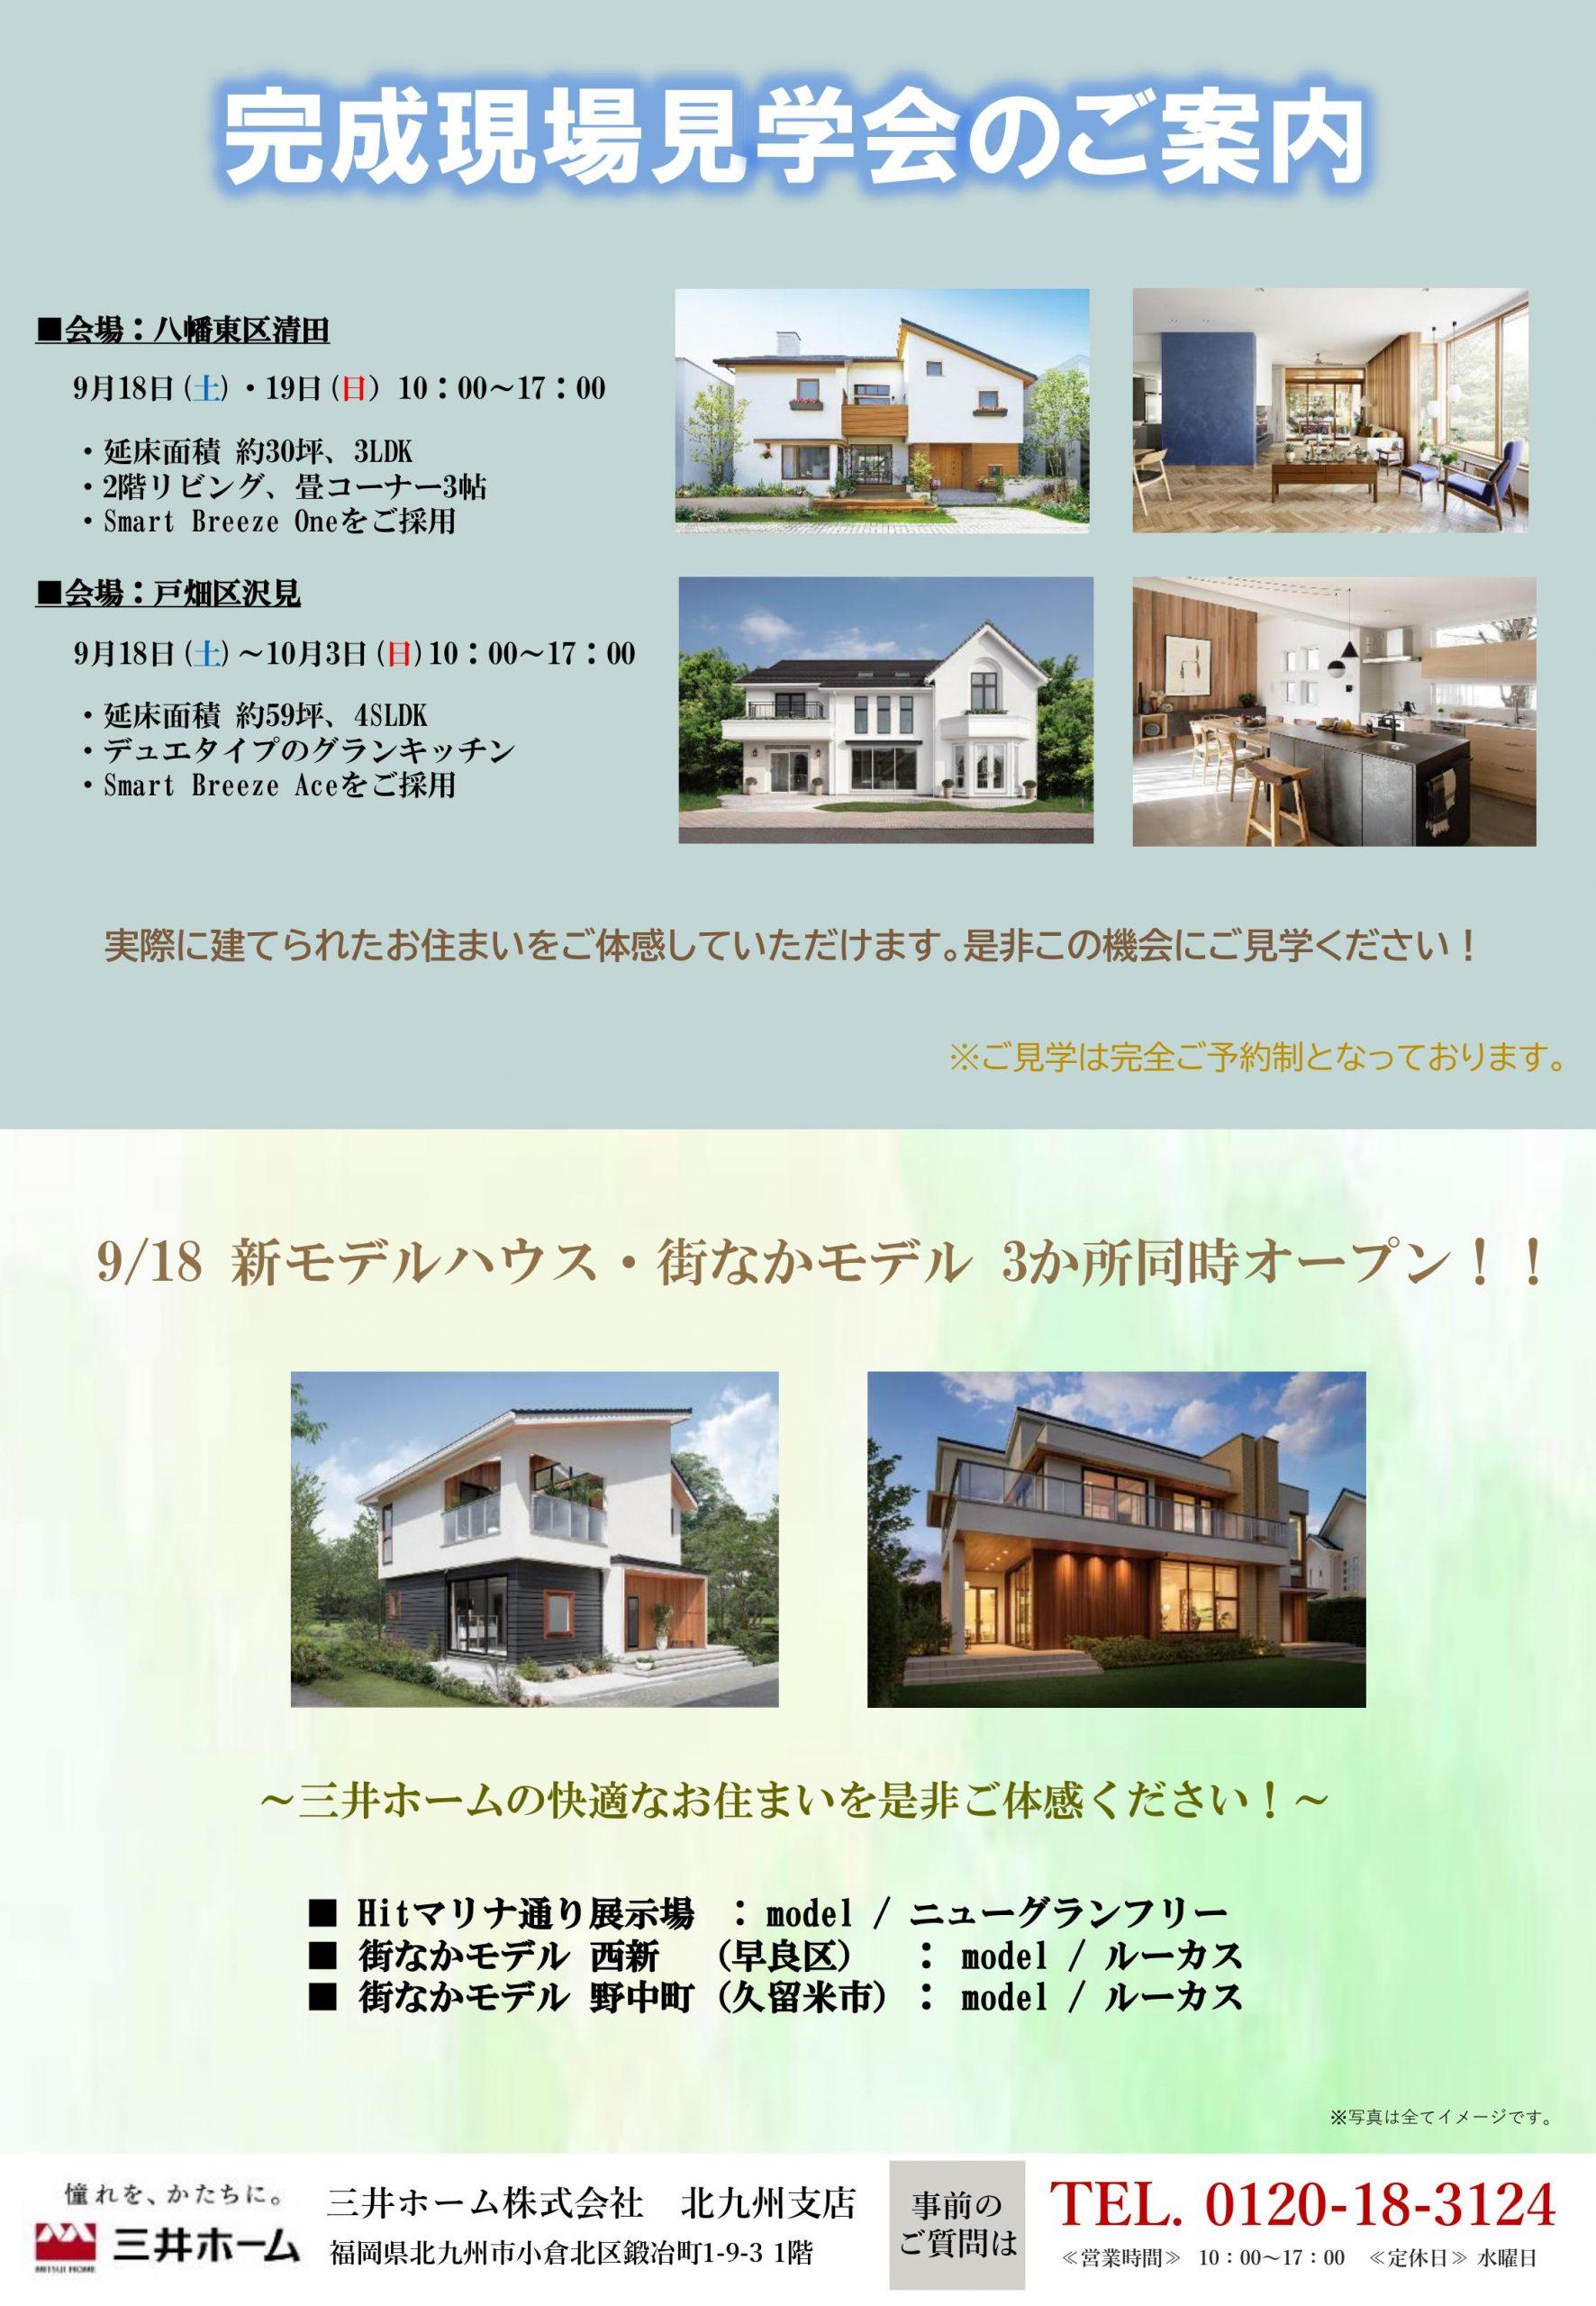 【三井ホーム】9月完成現場見学会